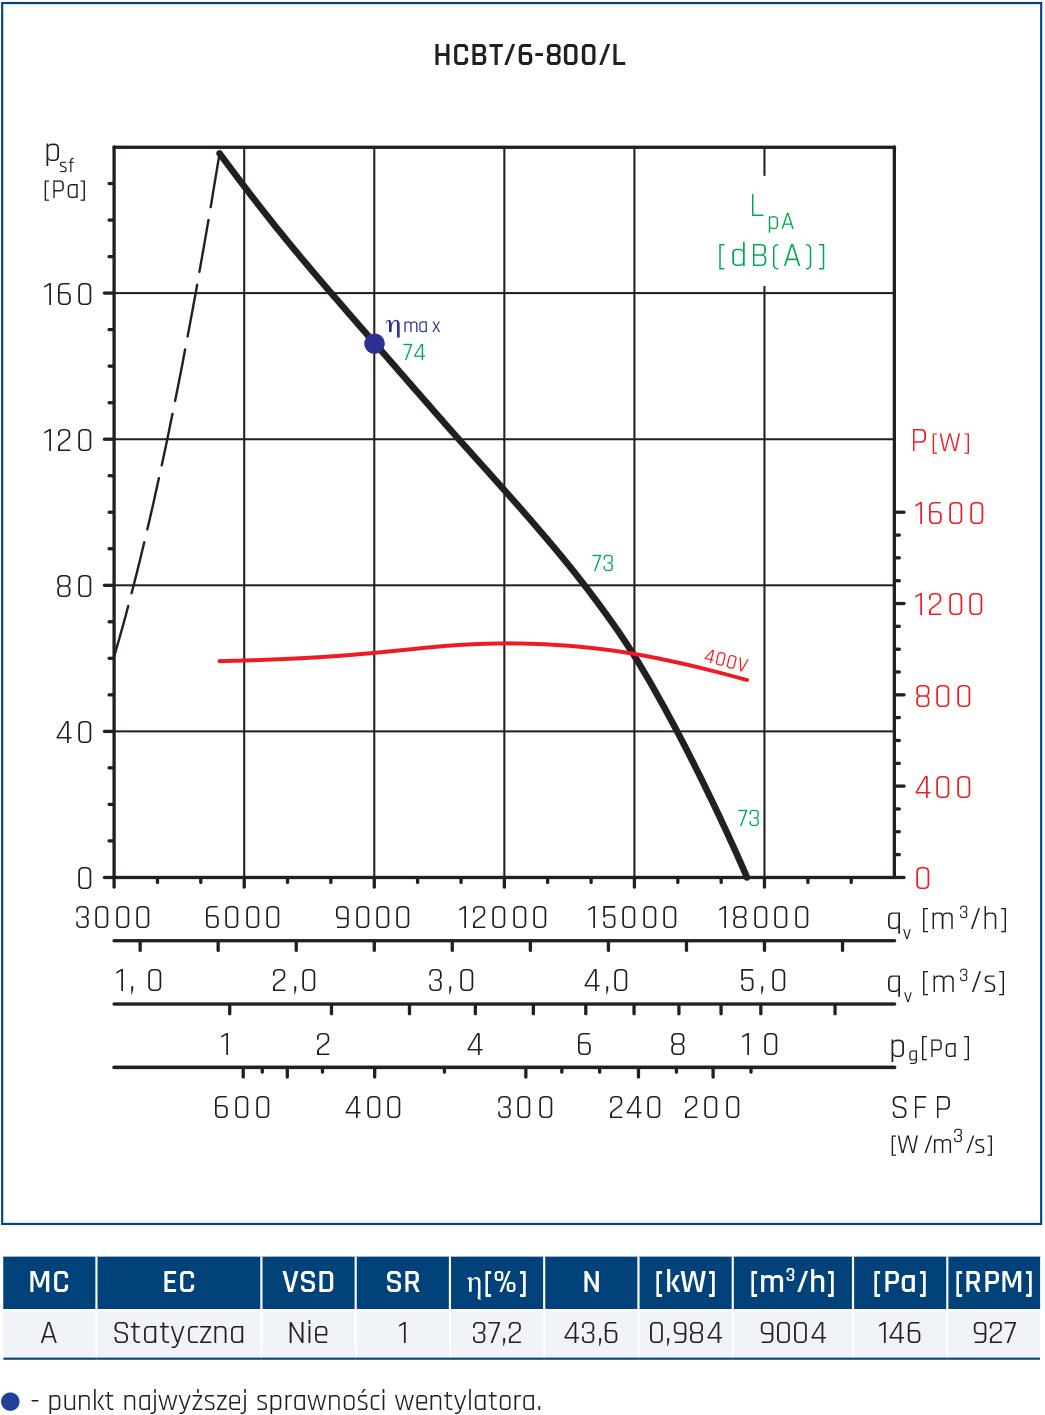 Wentylator przeciwwybuchowy Compact HCBT EX 55